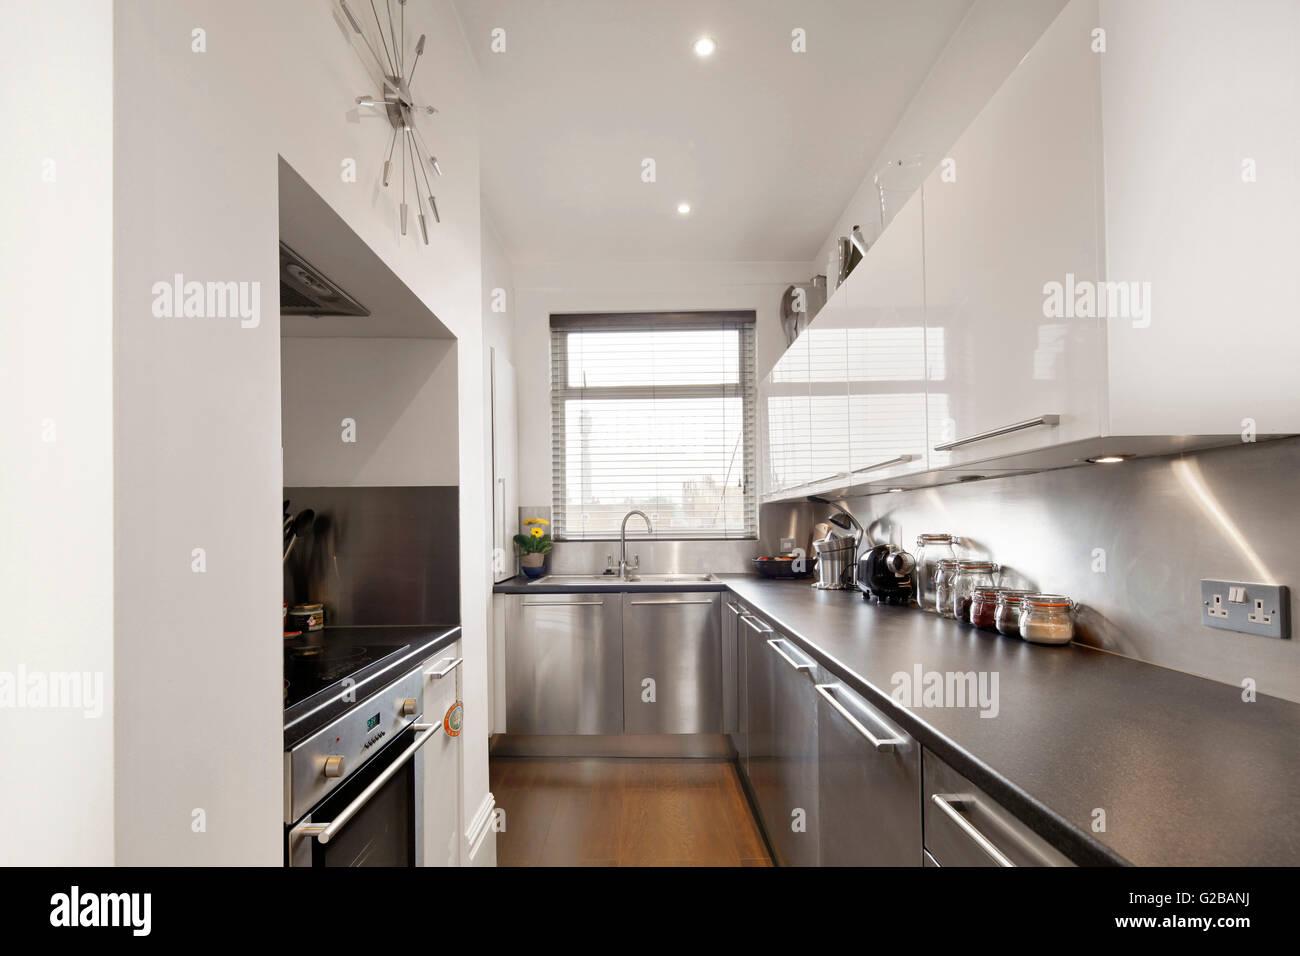 Haus Walden, Marylebone High Street. Moderne Küche Mit Edelstahl Arbeitsplatten  Und Geräten Und Weißen Schränke.